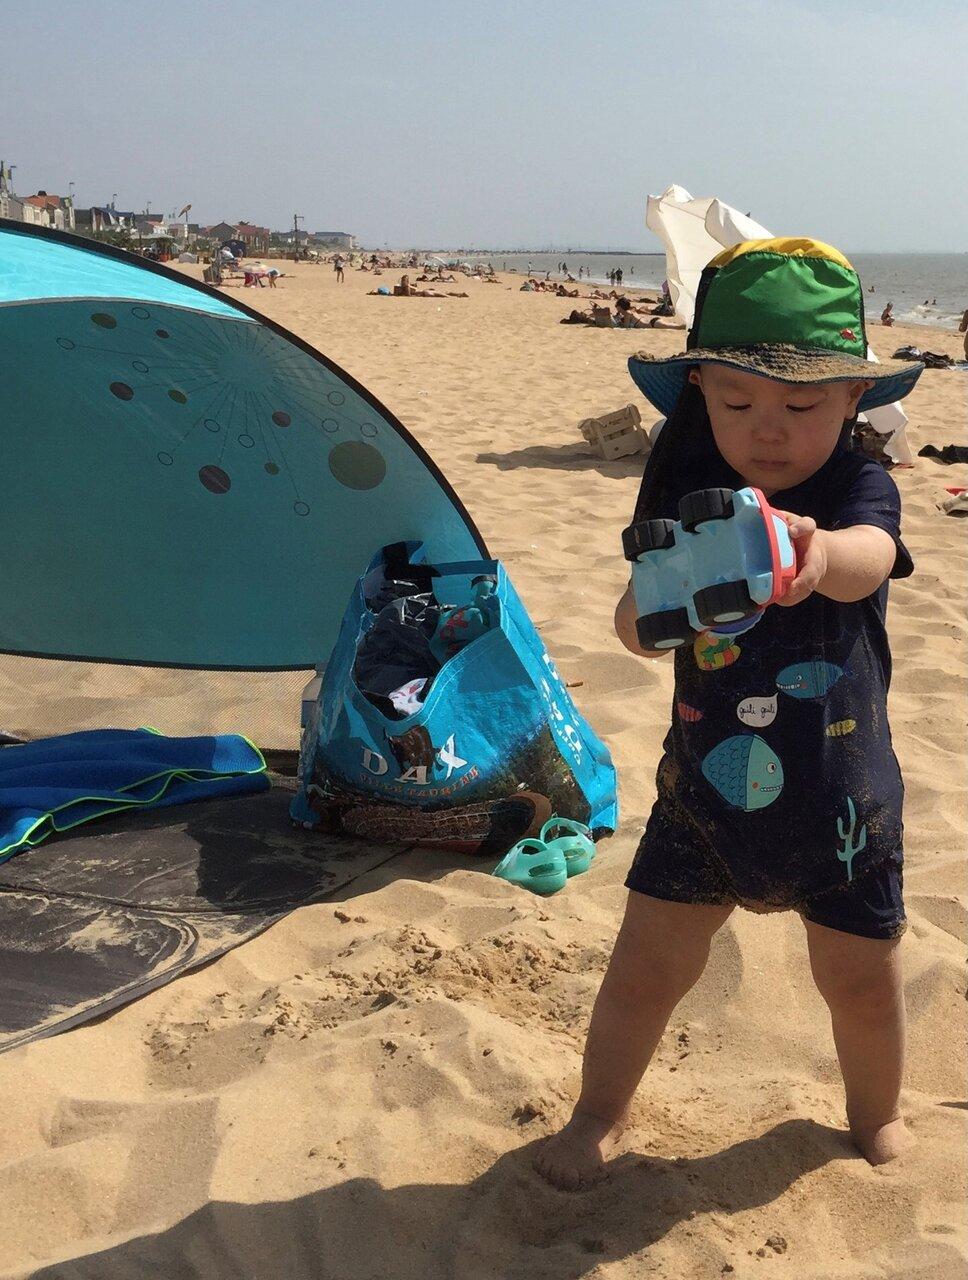 2歳頃の直人くん。パパの地元、大西洋岸の海辺にて初めての海水浴。「でも海より砂遊びに夢中でした」(佐知子さん)。  写真提供:ダヴィエ佐知子